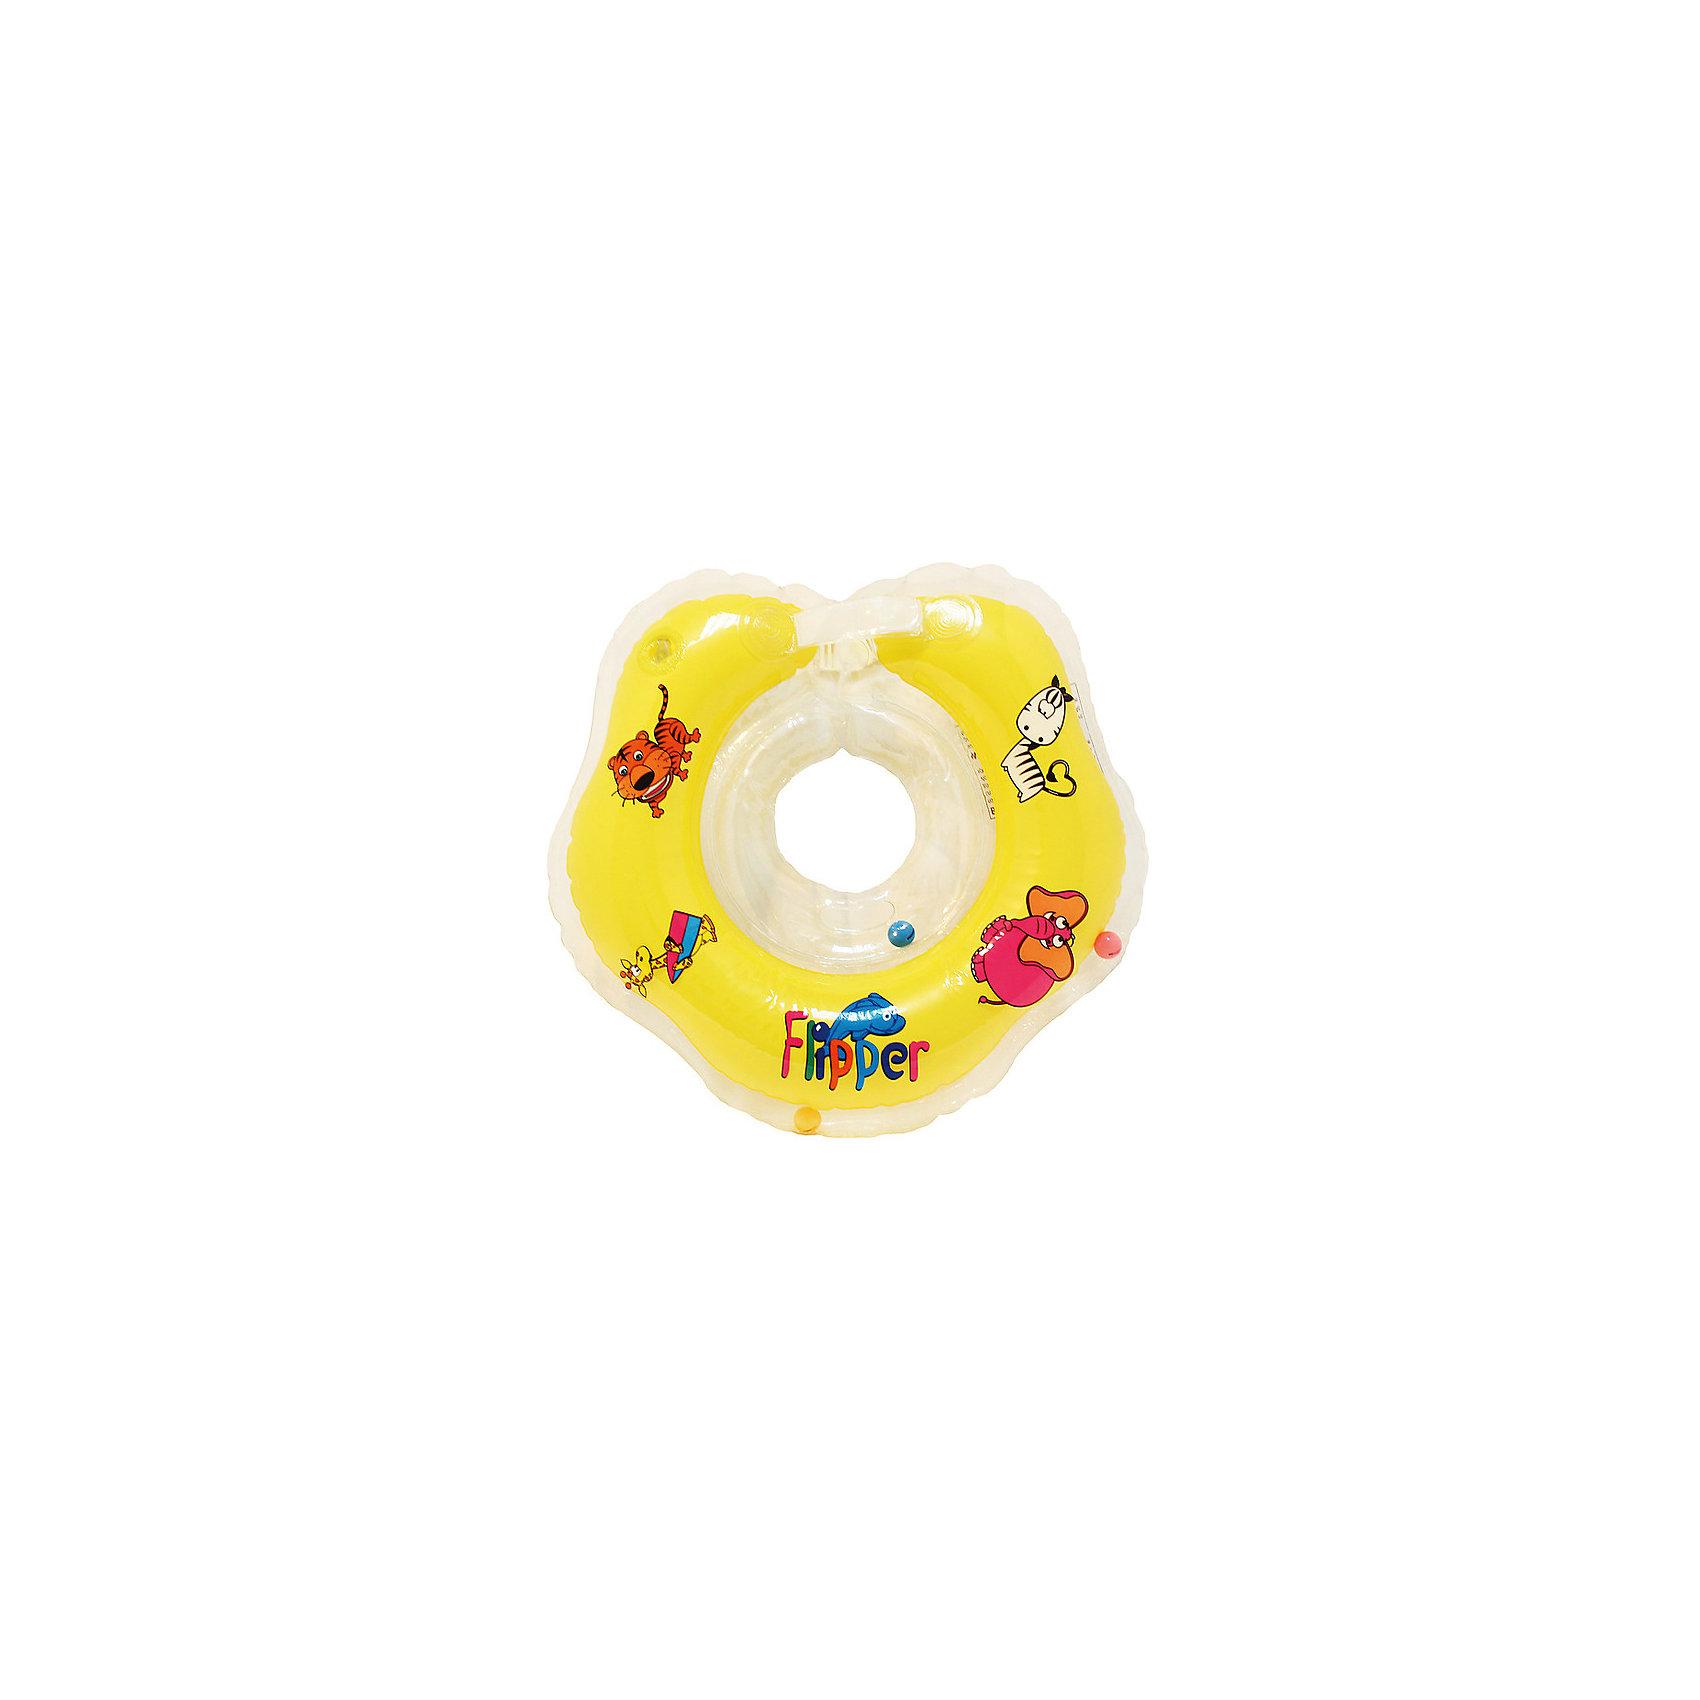 Круг на шею Flipper FL001 для купания малышей 0+, Roxy-Kids, желтыйКруги для купания малыша<br>Круг на шею Flipper FL001, Roxy-Kids, обеспечит безопасность и комфорт Вашего ребенка во время купания и активных игр в воде. Может использоваться в ванной или для бассейна и на море. Круг выполнен из прочного полимера, имеет яркий привлекательный дизайн и полностью безопасен для детей. Оснащен двумя воздушными камерами, в которых находятся шарики-погремушки, комфортной выемкой для подбородка и ручками, благодаря которым родители смогут контролировать малыша. Дополнительная безопасность круга обеспечивается особой конструкцией круг в круге. Мягкий шов не натирает шею малыша благодаря технологии внутреннего шва. Две практичные регулируемые застежки (карабин и липучка) позволяют быстро и легко зафиксировать круг во время купания. Рассчитан на детей от 0 до 2 лет, весом до 18 кг.<br><br>Дополнительная информация:<br><br>- Цвет: желтый/сафари.<br>- Материал: ПВХ.<br>- Размер круга: 39 х 36 см.<br>- Размер упаковки: 15 х 5 х 15 см.<br>- Вес: 0,3 кг.<br><br>Круг на шею Flipper FL001 для купания малышей 0+, Roxy-Kids, желтый, можно купить в нашем интернет-магазине.<br><br>Ширина мм: 150<br>Глубина мм: 50<br>Высота мм: 150<br>Вес г: 300<br>Цвет: желтый<br>Возраст от месяцев: 0<br>Возраст до месяцев: 18<br>Пол: Женский<br>Возраст: Детский<br>SKU: 4546380